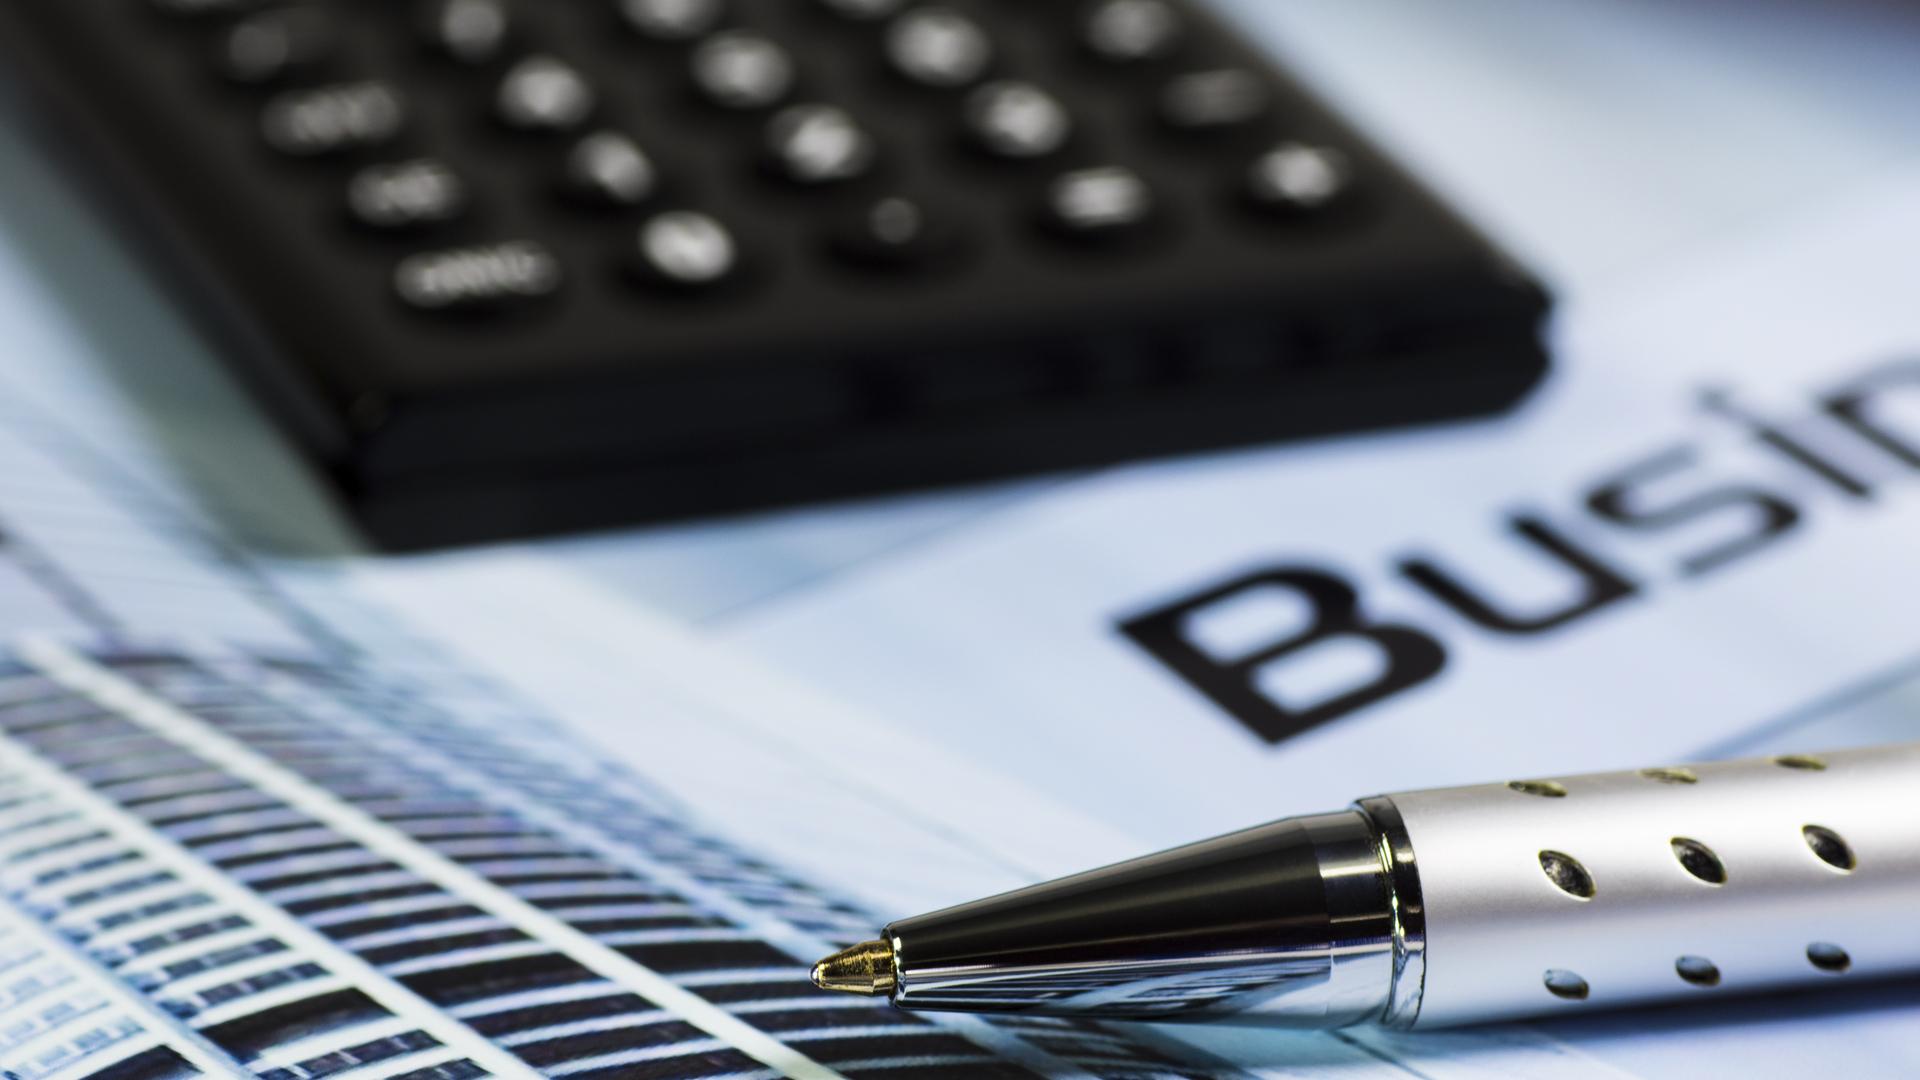 DigiSigner: eSignatures for Finance Departments